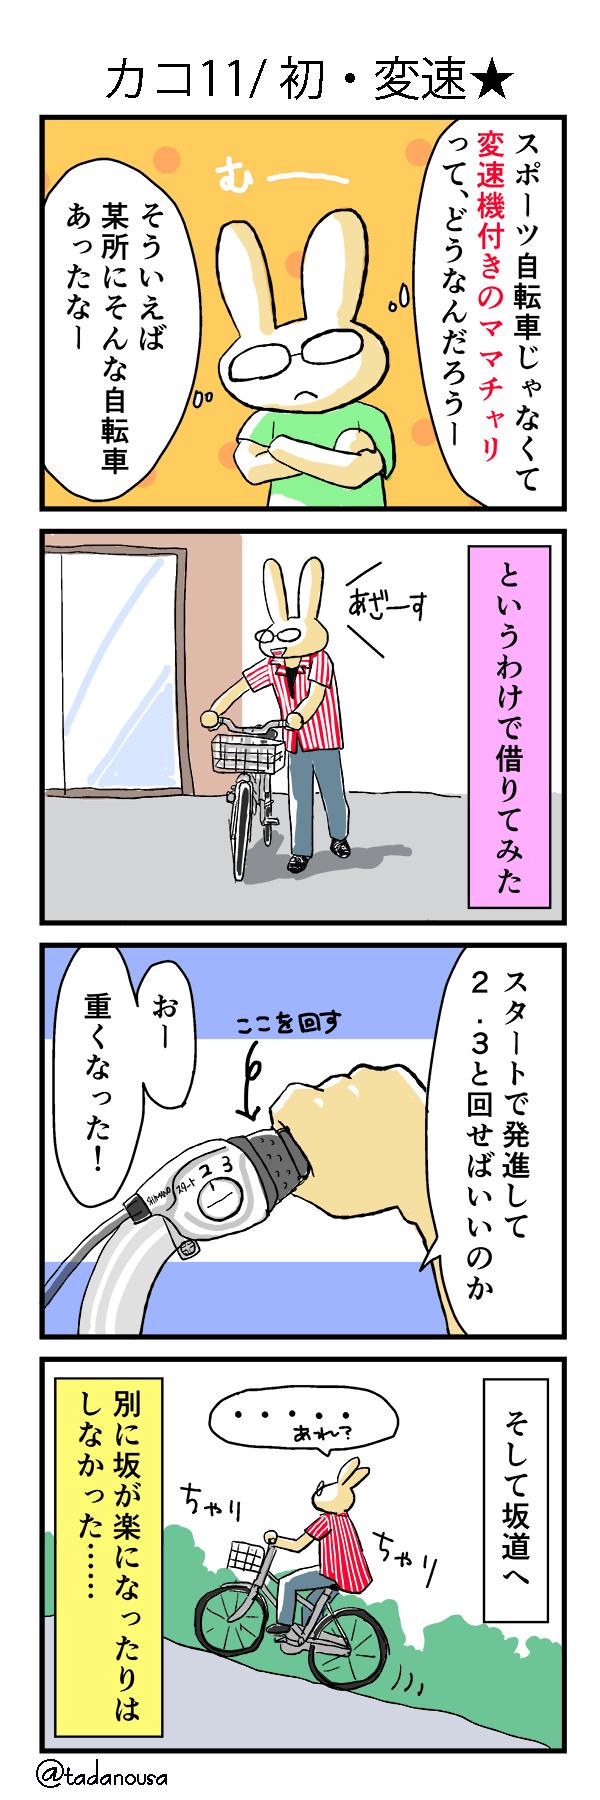 カコ011